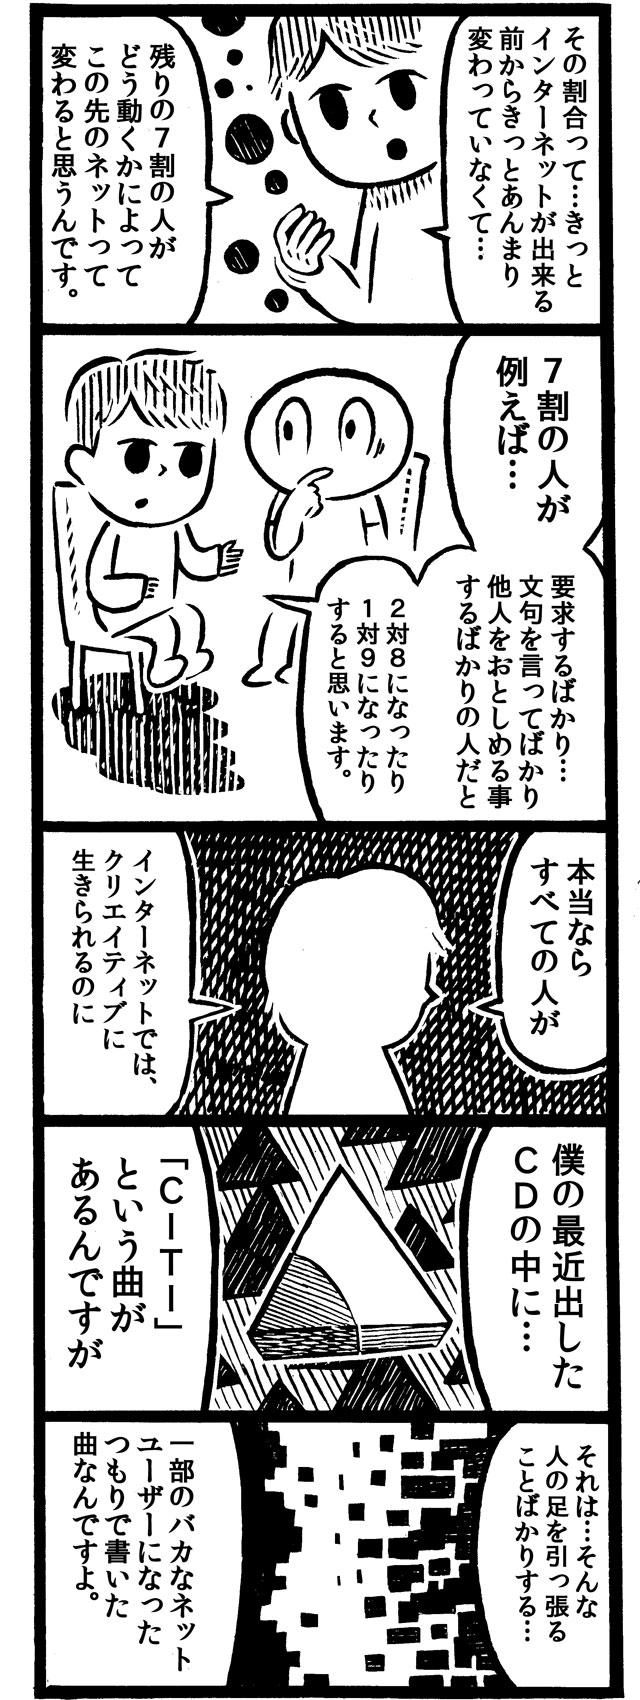 f:id:kakijiro:20151225102824j:plain